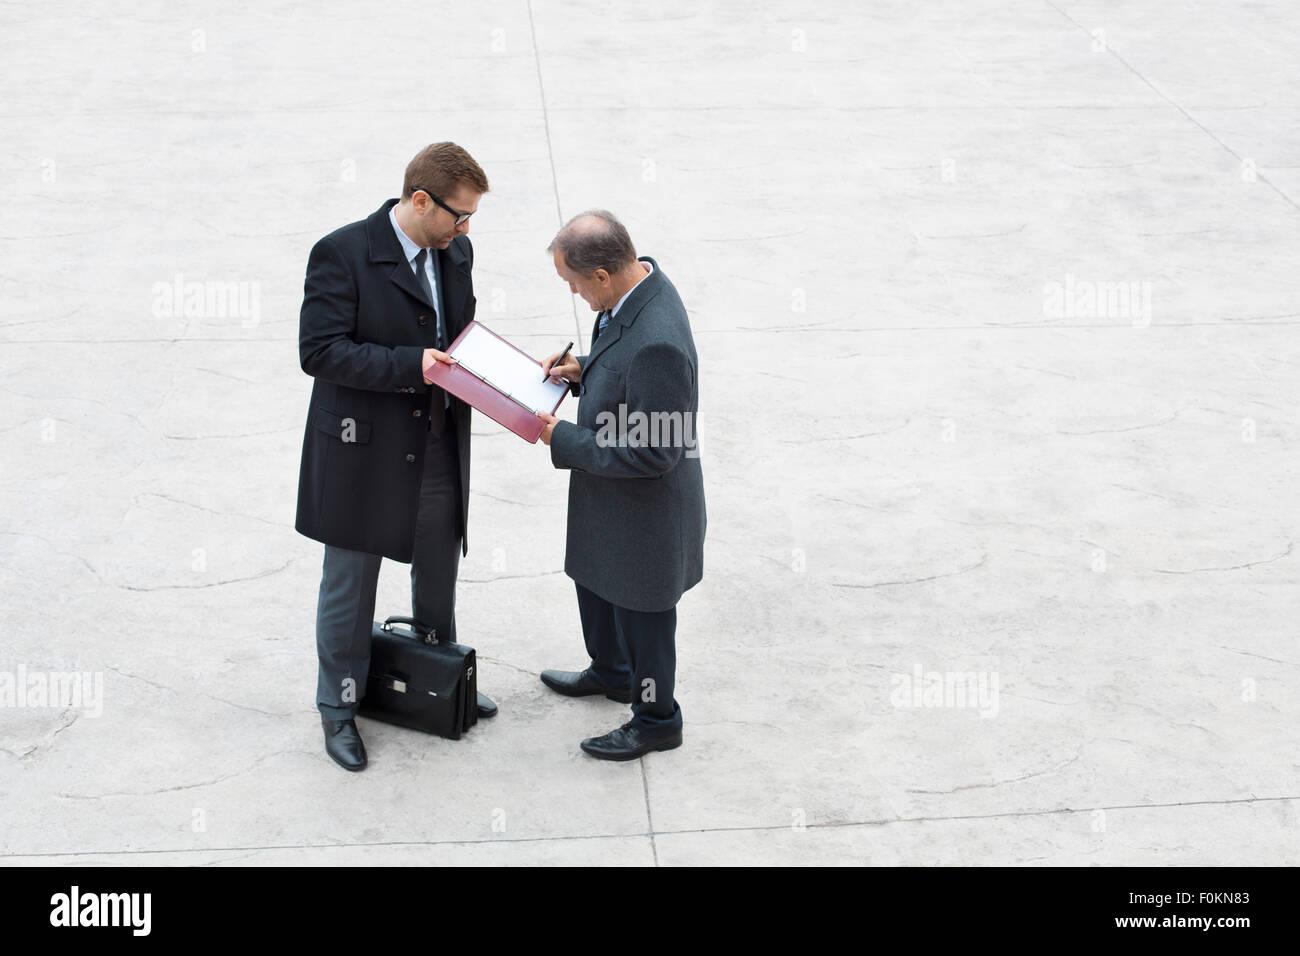 Dos hombres de negocios de la firma ducument cuadrado Imagen De Stock